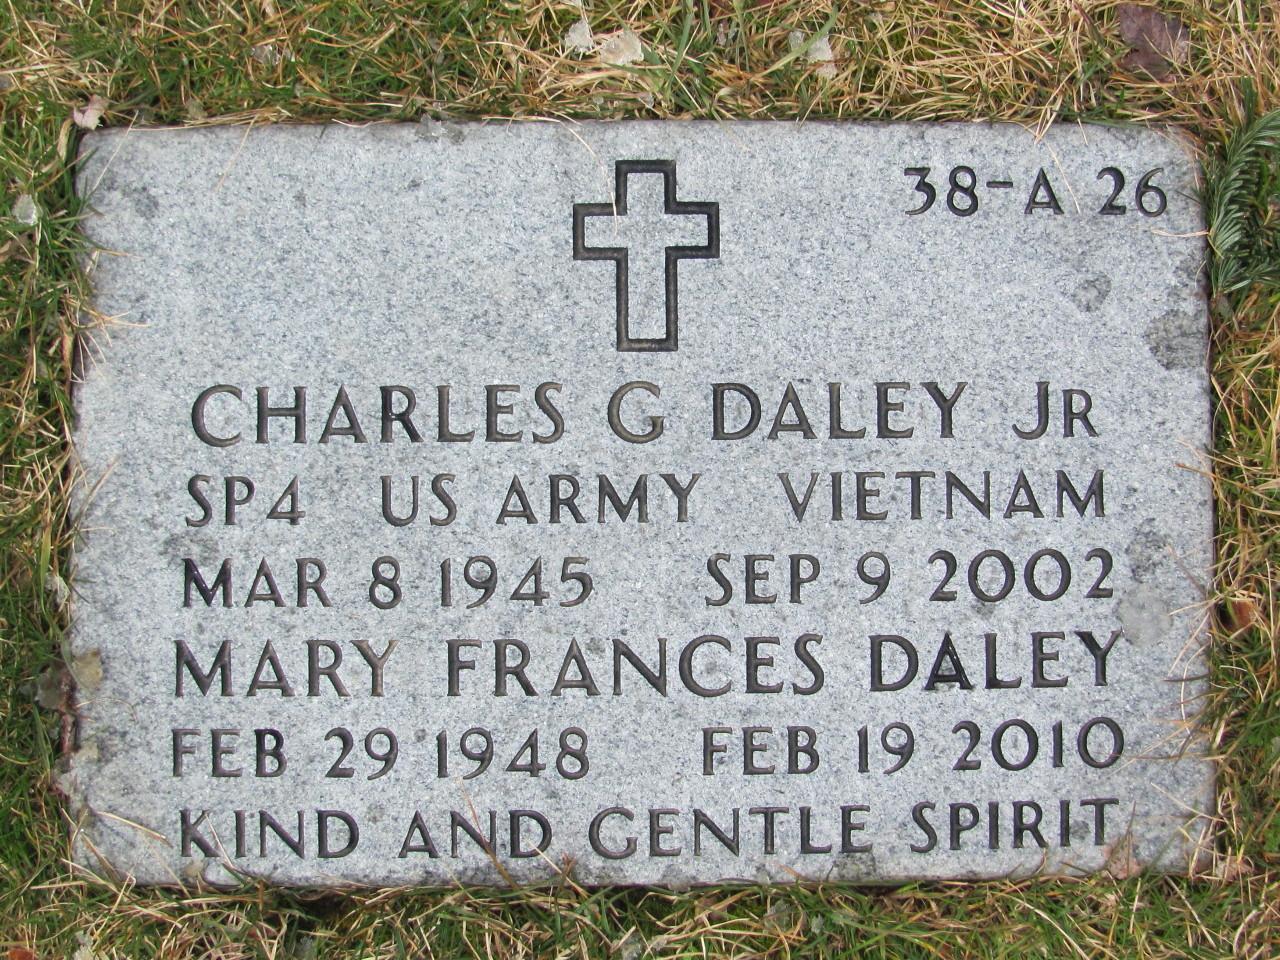 Charles Gerard Daley, Jr